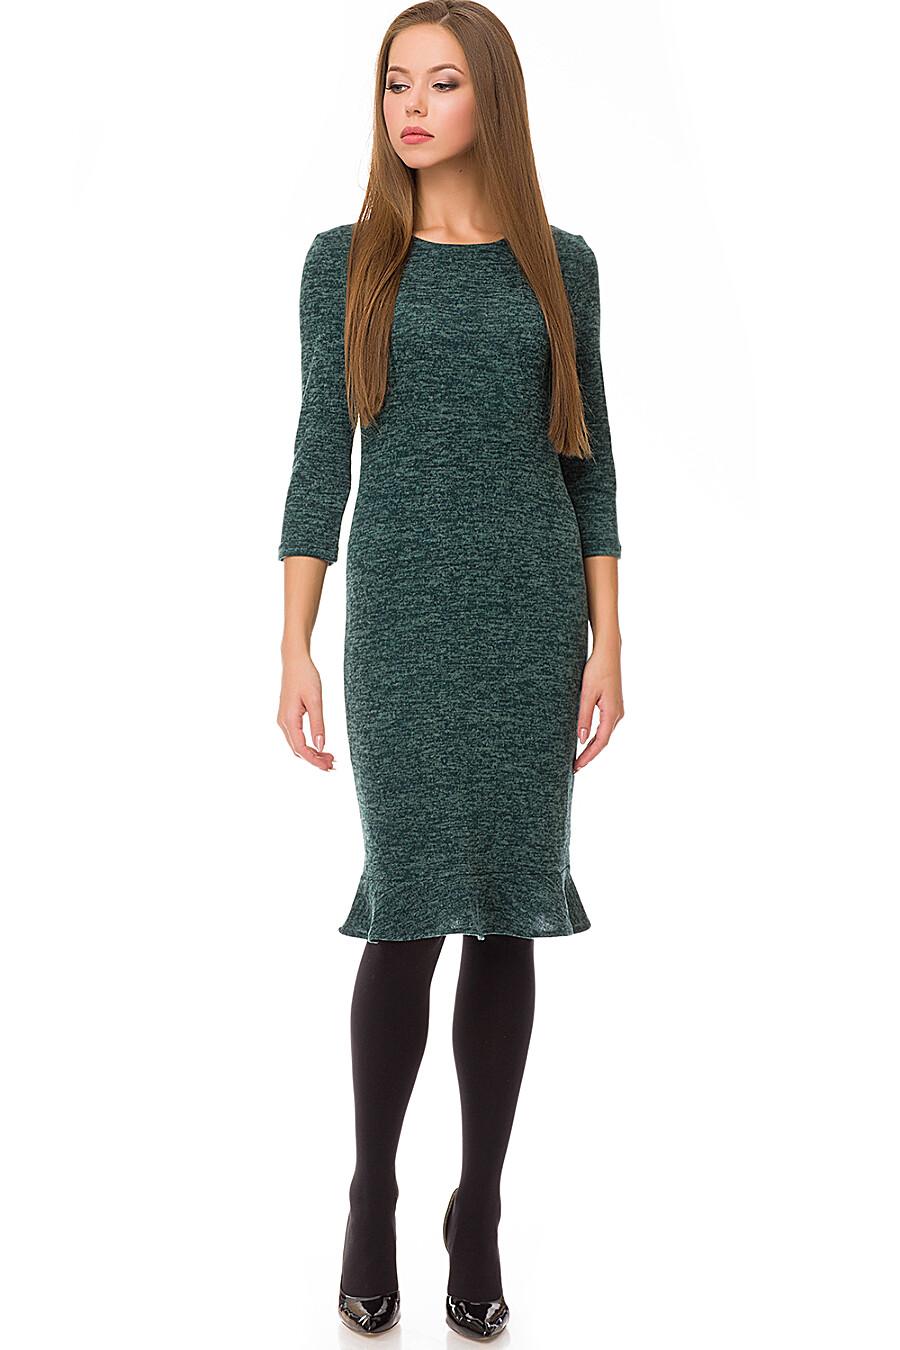 Платье #69322